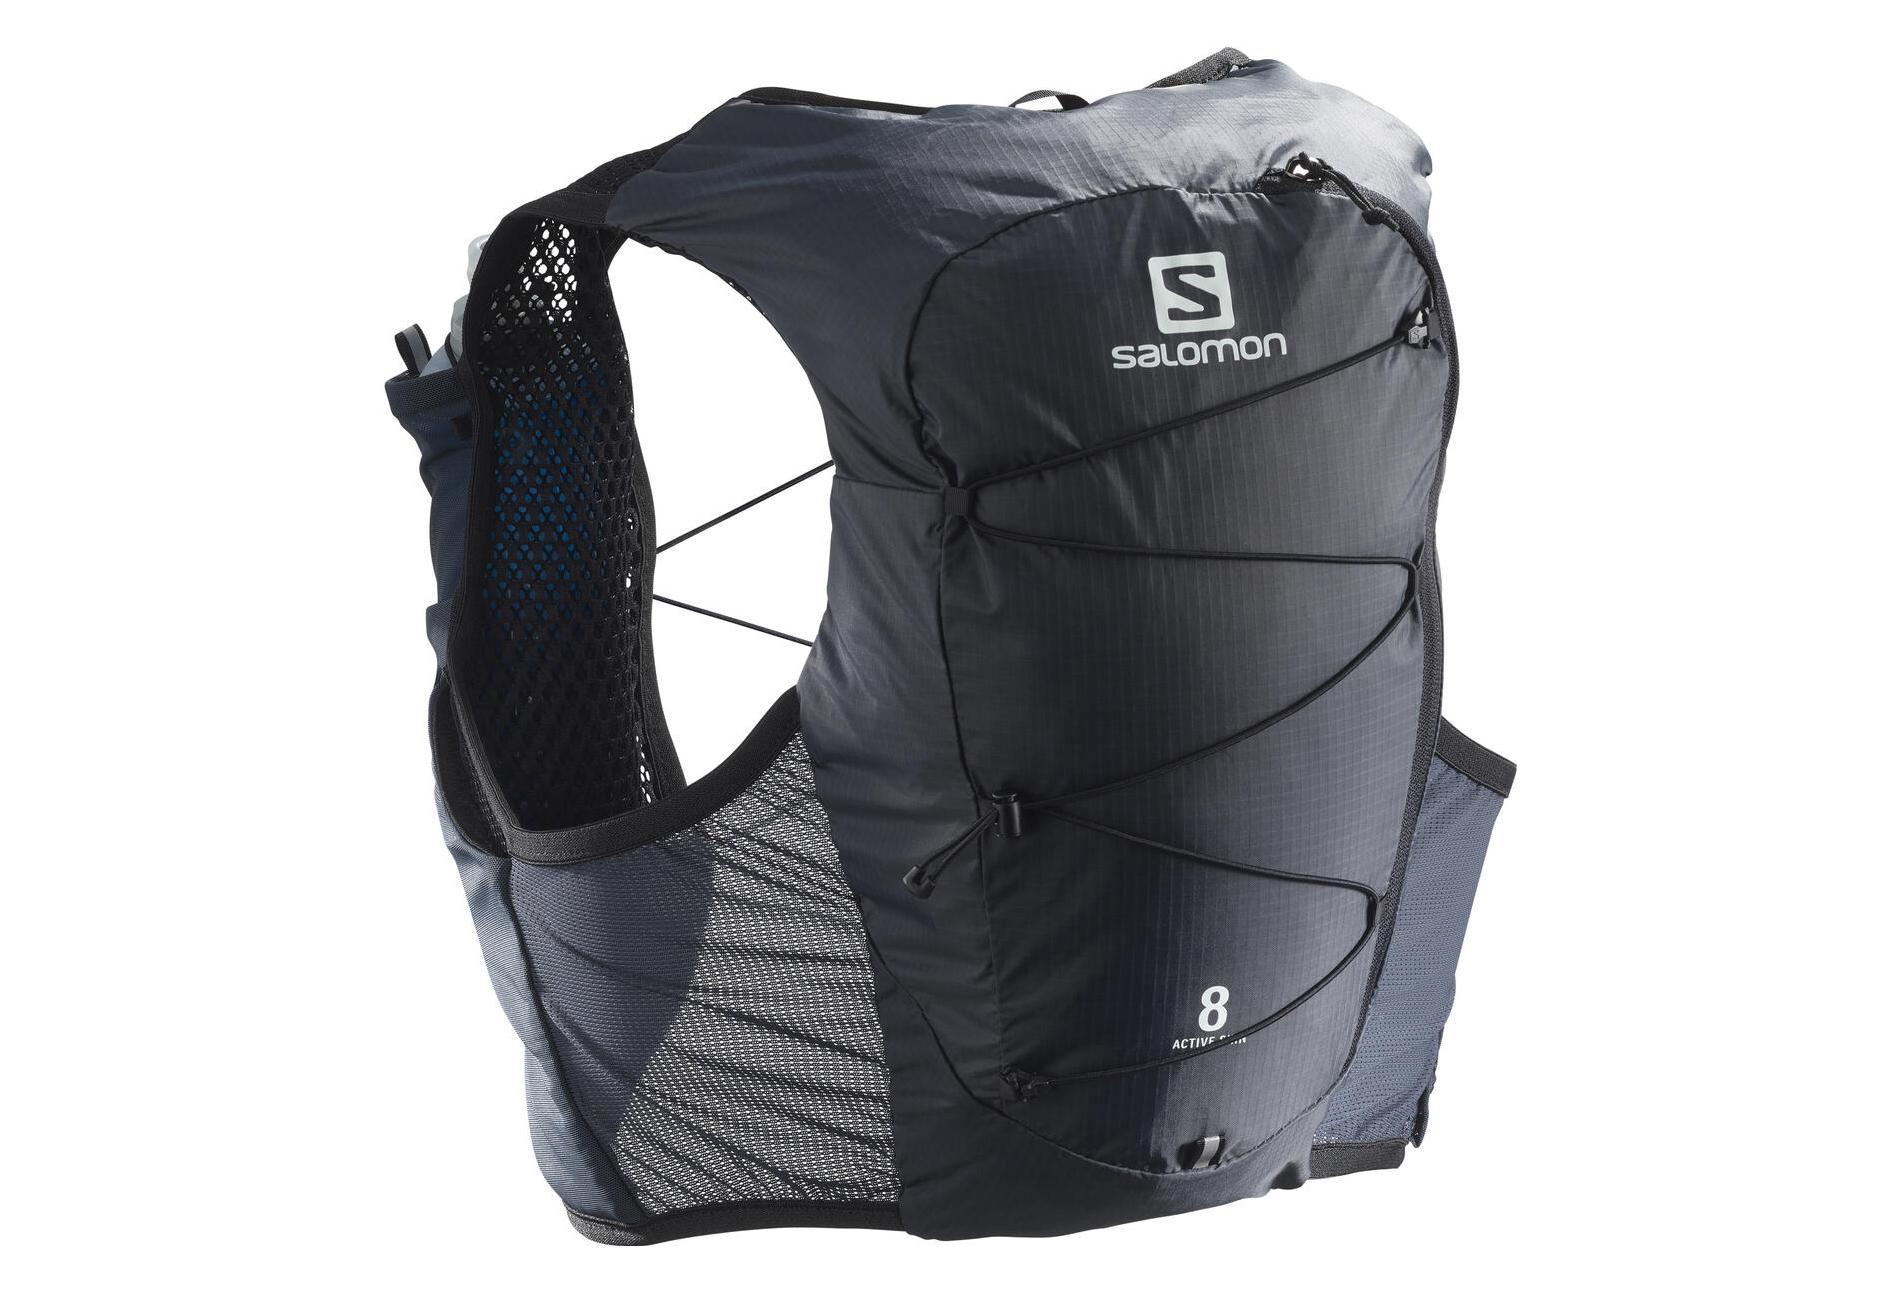 Salomon Active Skin 8 Set · Productos Salomon · Accesorios · Sistemas de Hidratación · Kukimbia Shop - Tienda Online Trail & Running